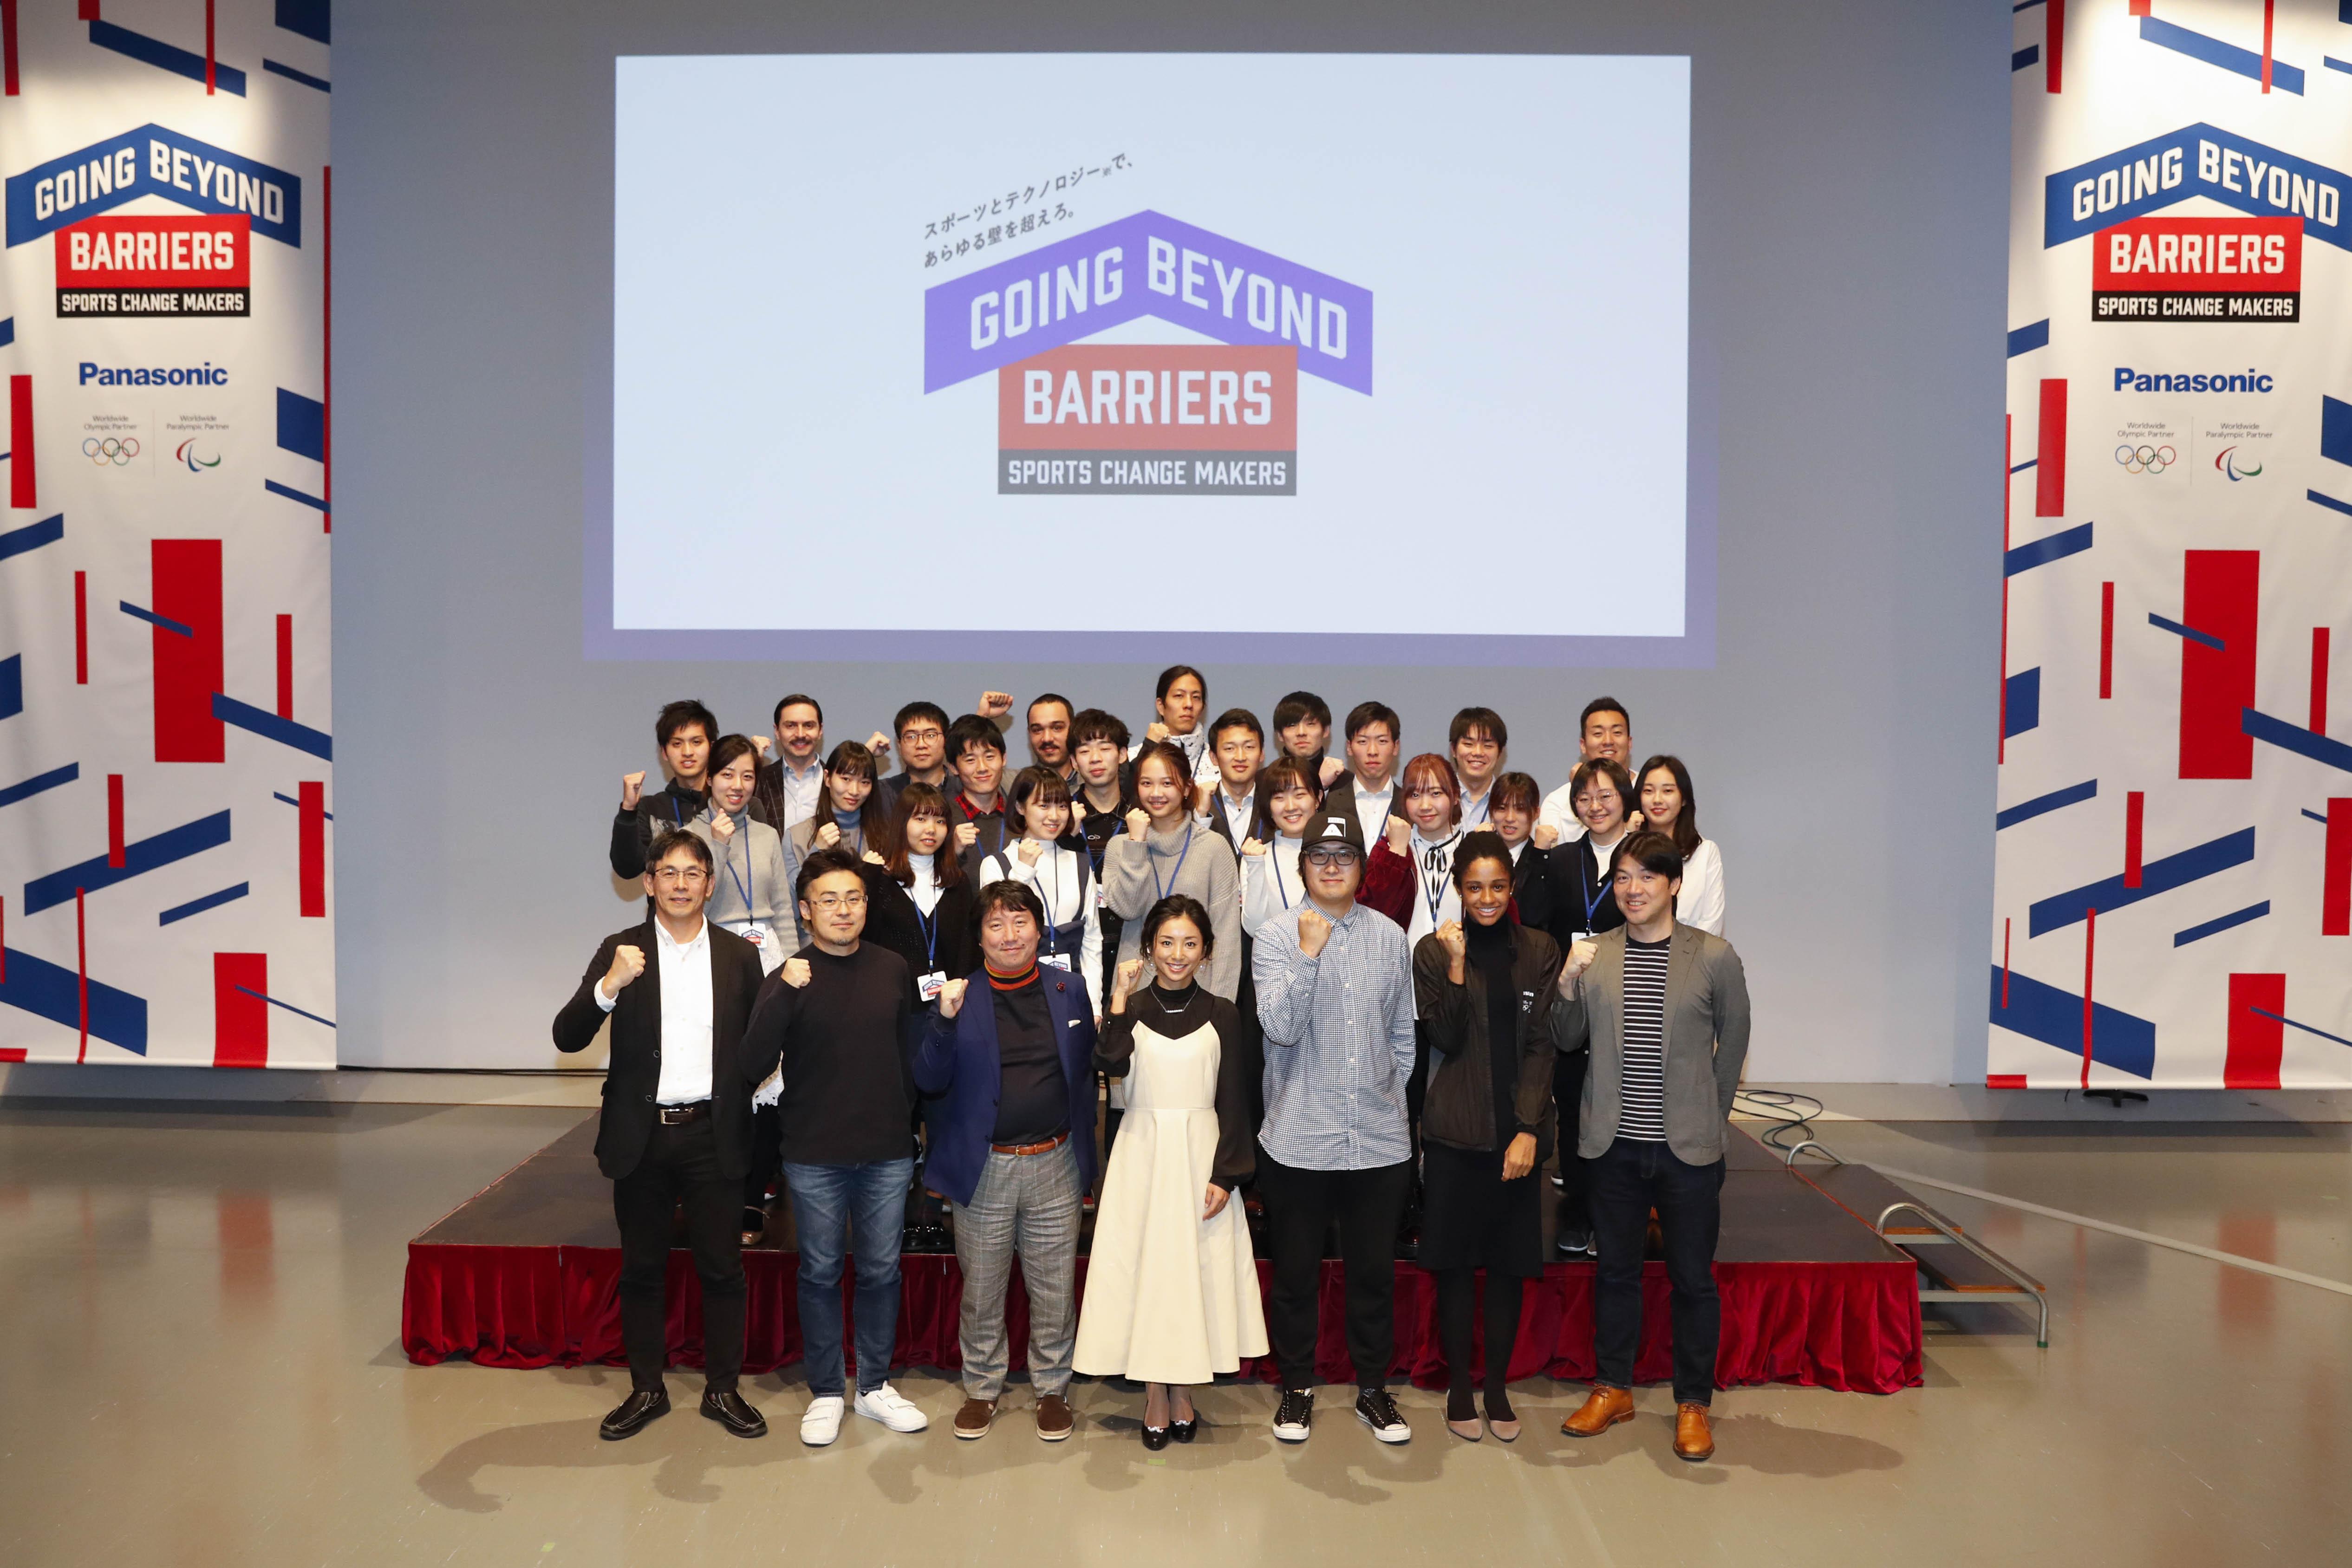 Photo: Ideathon held in Tokyo, Dec 14, 2019